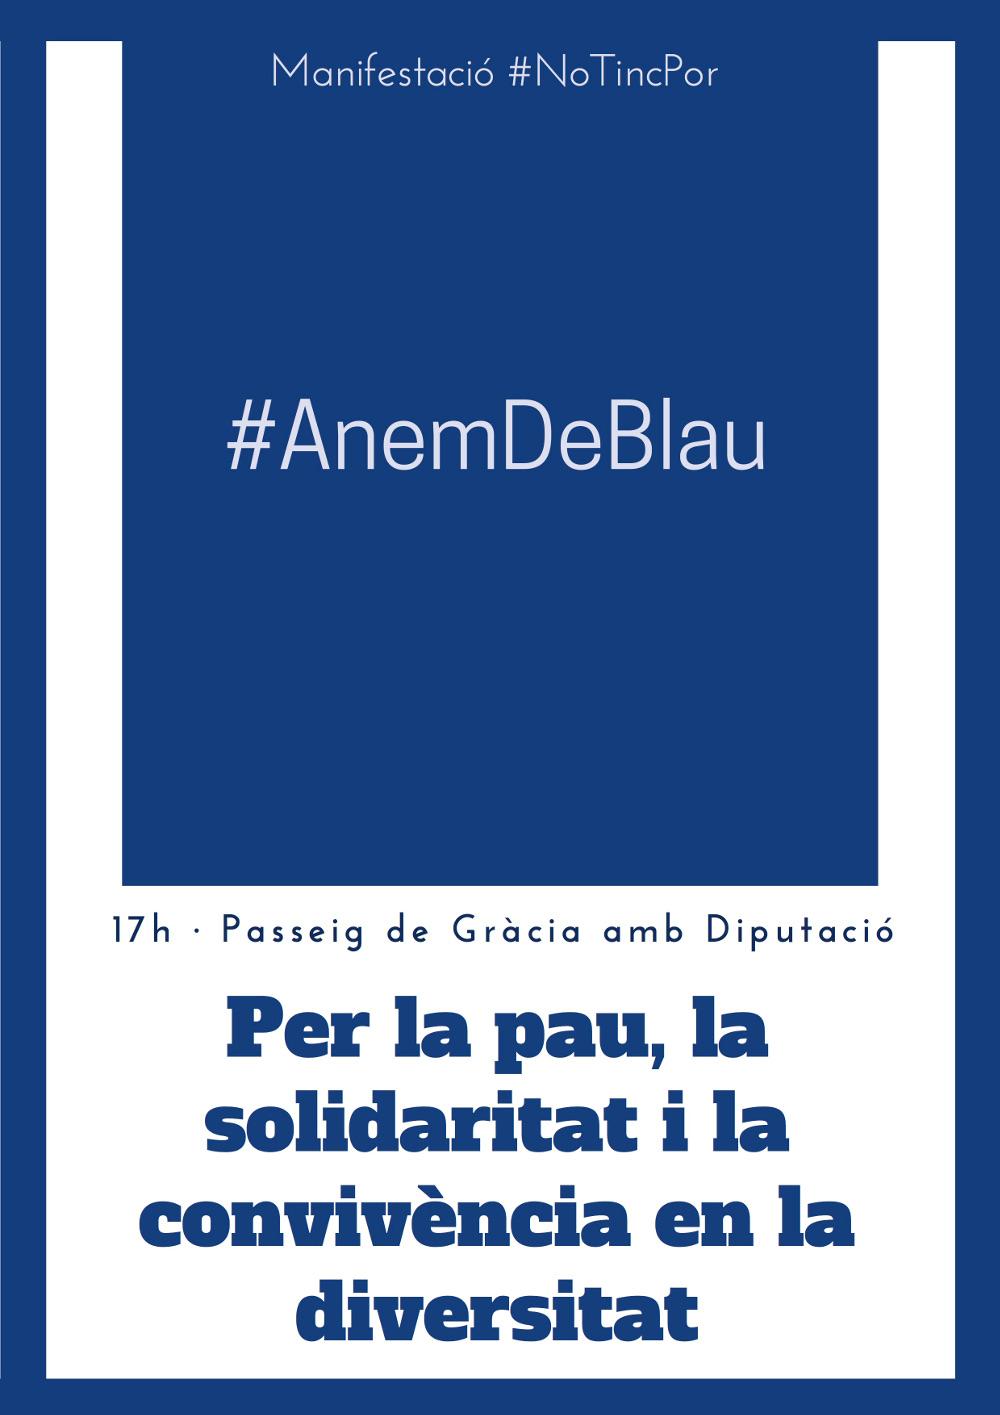 #Anemdeblau a la manifestació de dissabte per la pau, la solidaritat i la convivència en la diversitat